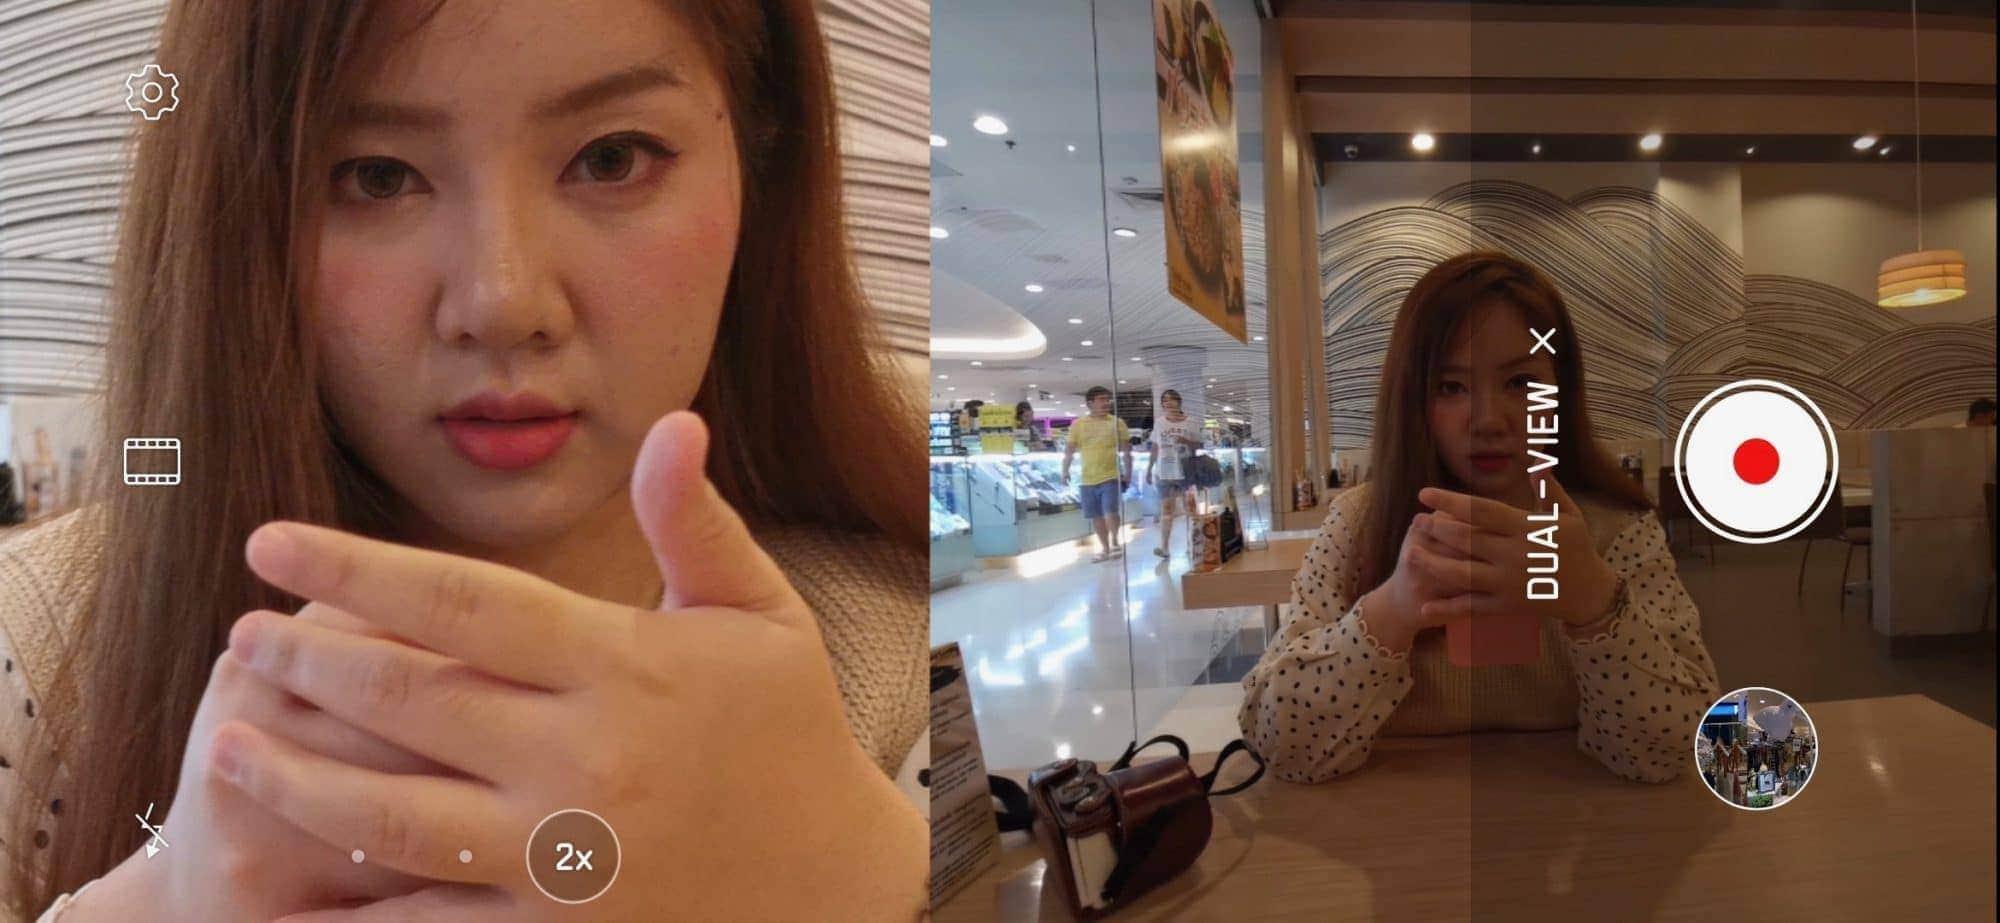 - รีวิวโหมดใหม่ใช้จริงกับ Dual-View ถ่ายวีดีโอ 2 กล้องพร้อมกันบน HUAWEI P30 series